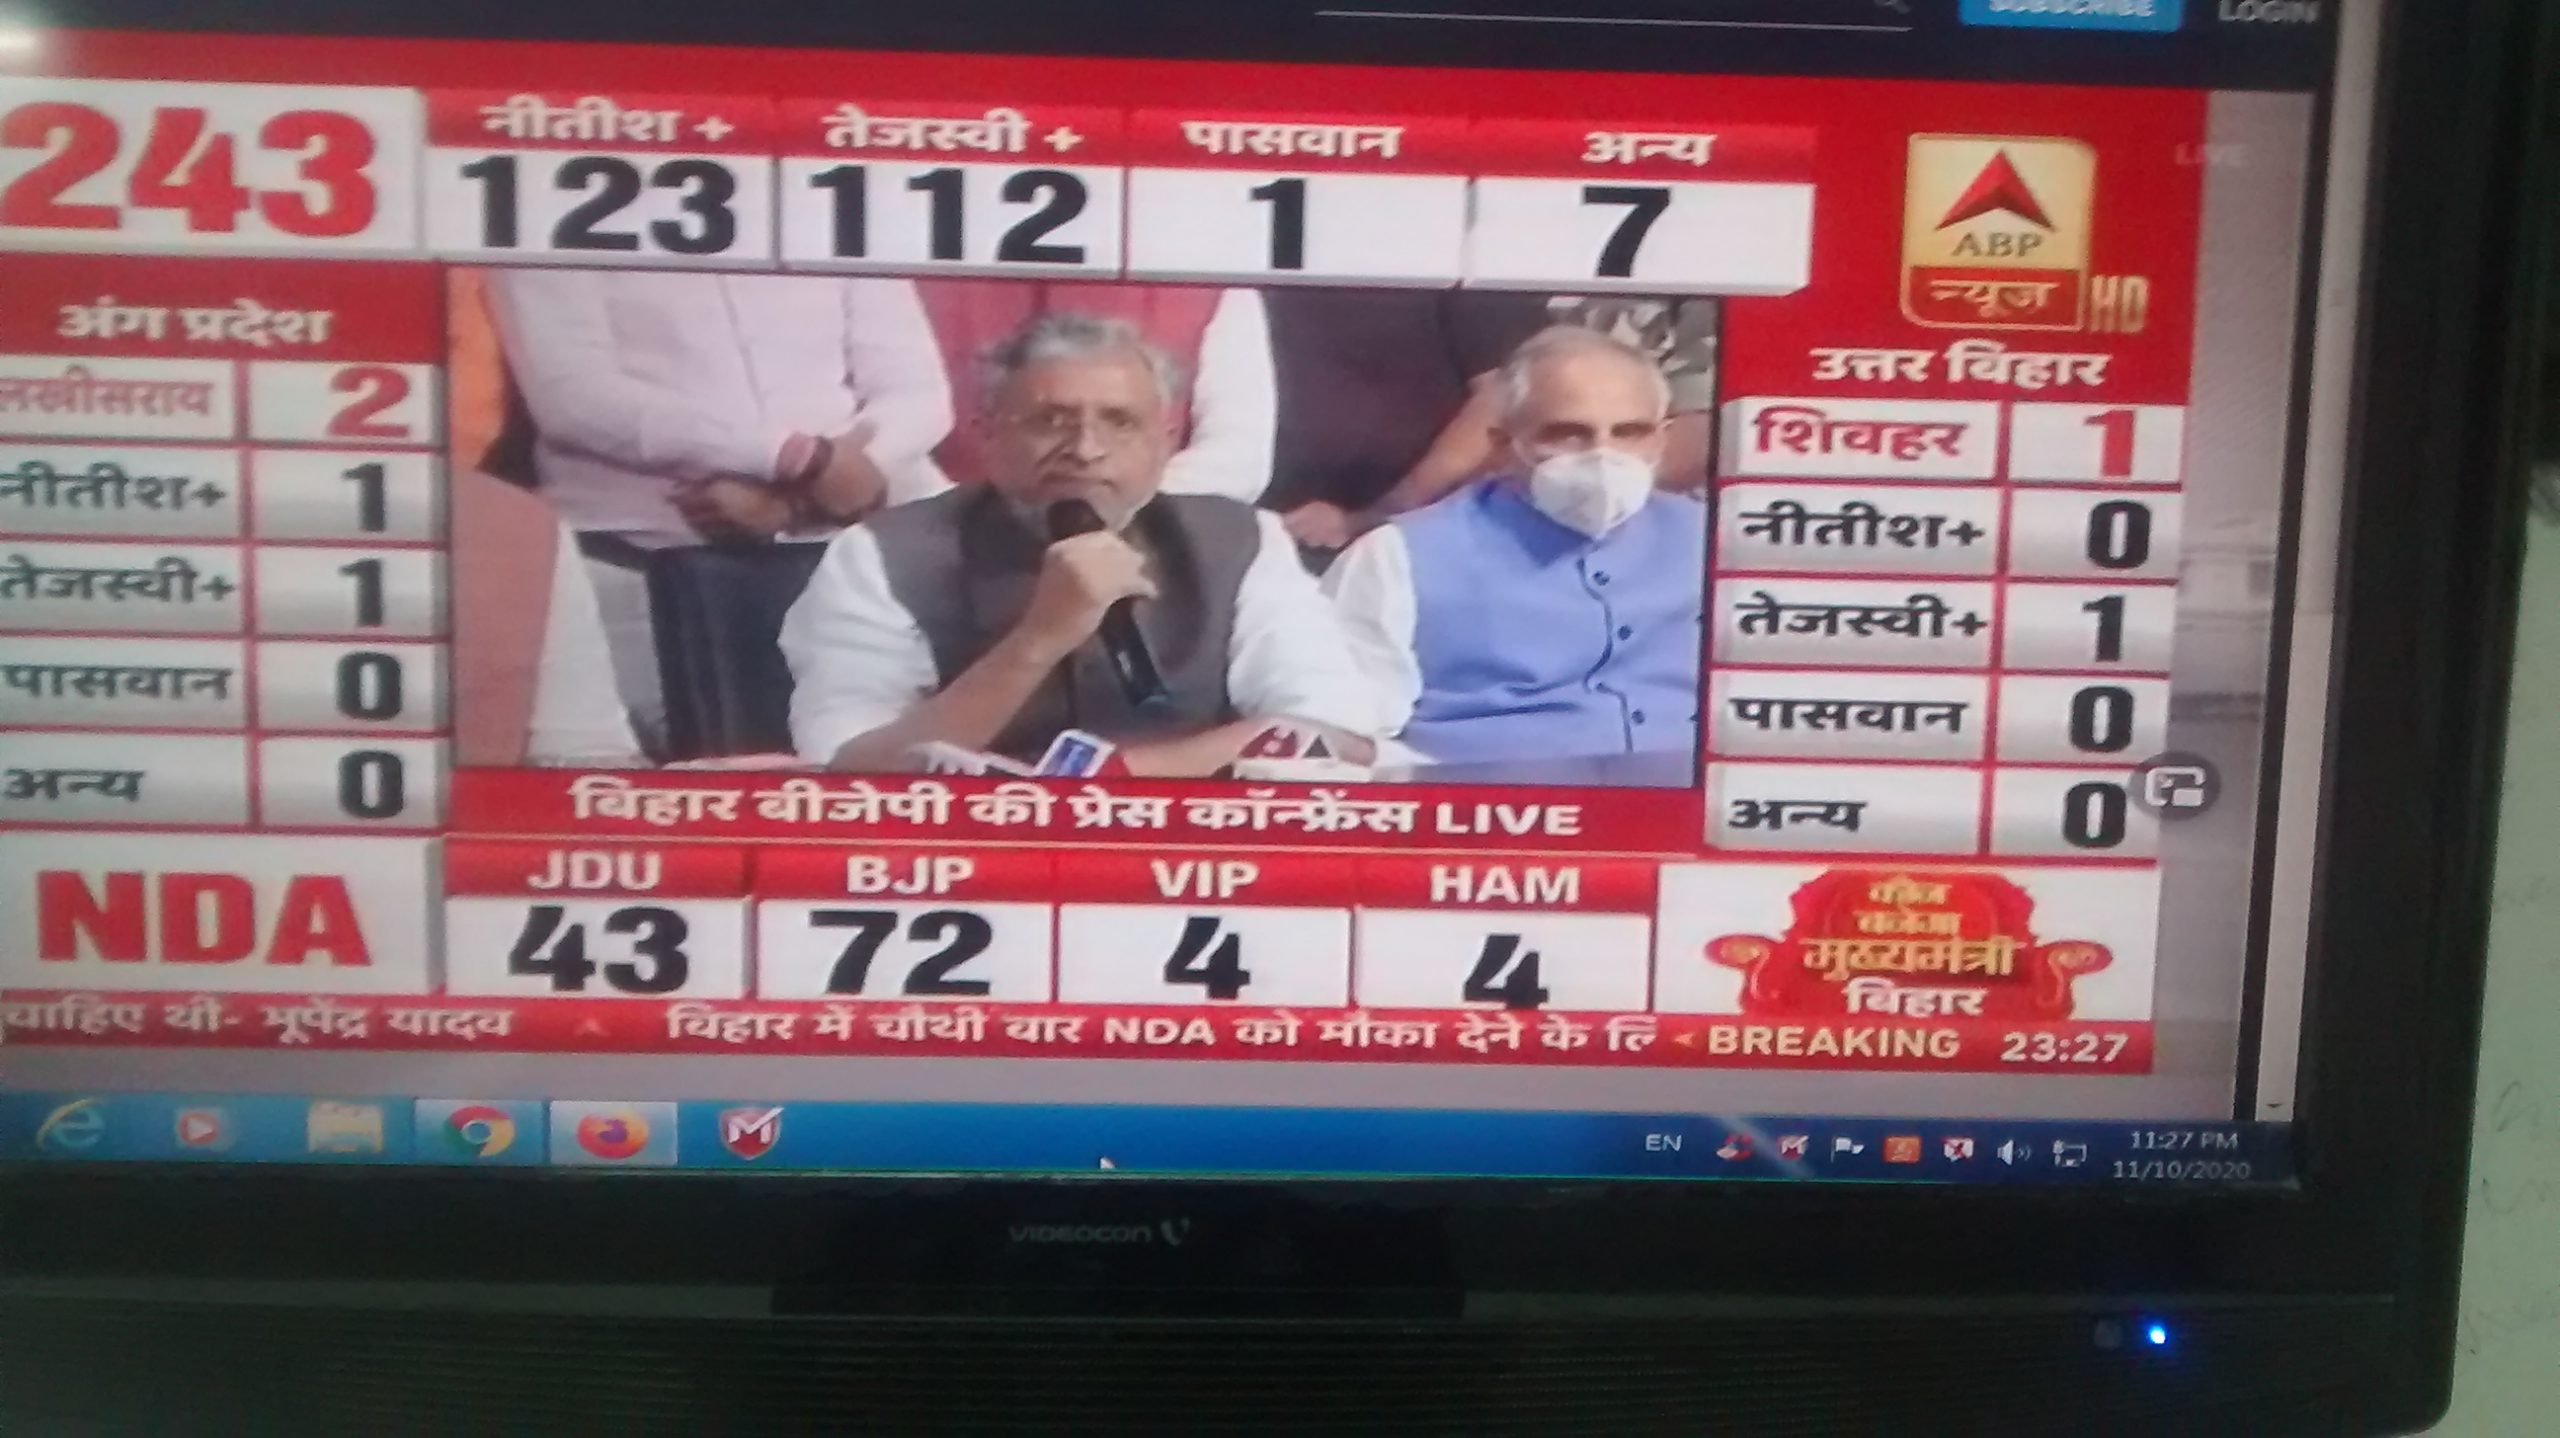 मोदी जी के विश्वस्त सूत्र की जय हो, चुनाव आयोग के पोर्टल पर अभी 55 सीटों पर परिणाम आना बाकी, लेकिन बीजेपी ने बिहार चुनाव जीतने की दी बधाई